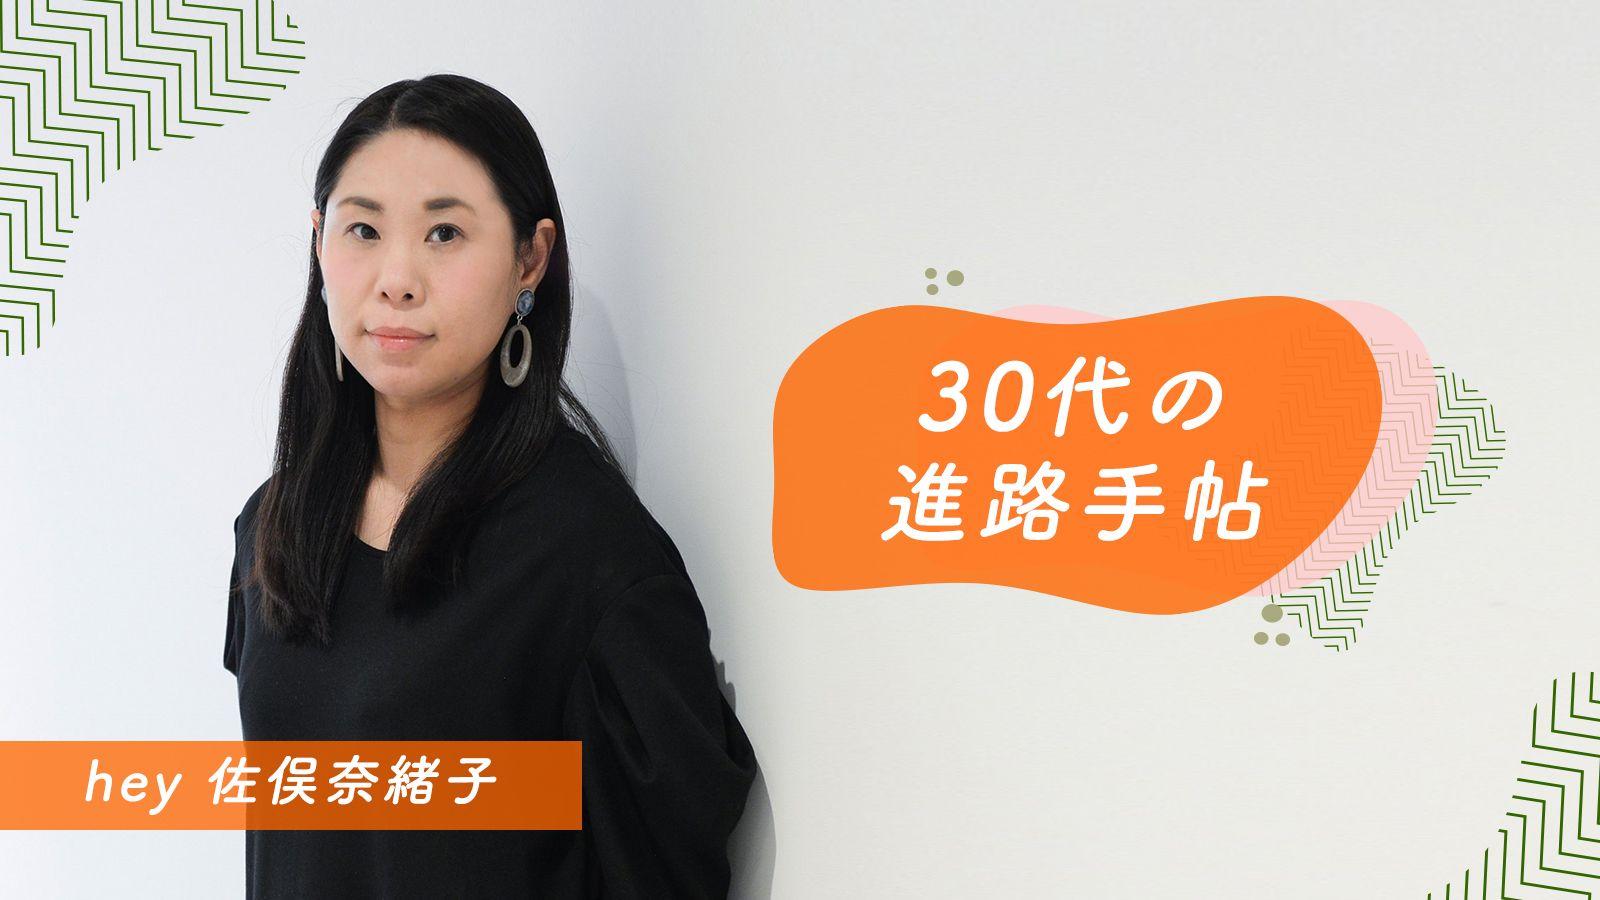 スタートアップも、家族も、しなやかに。hey 佐俣奈緒子の生き方